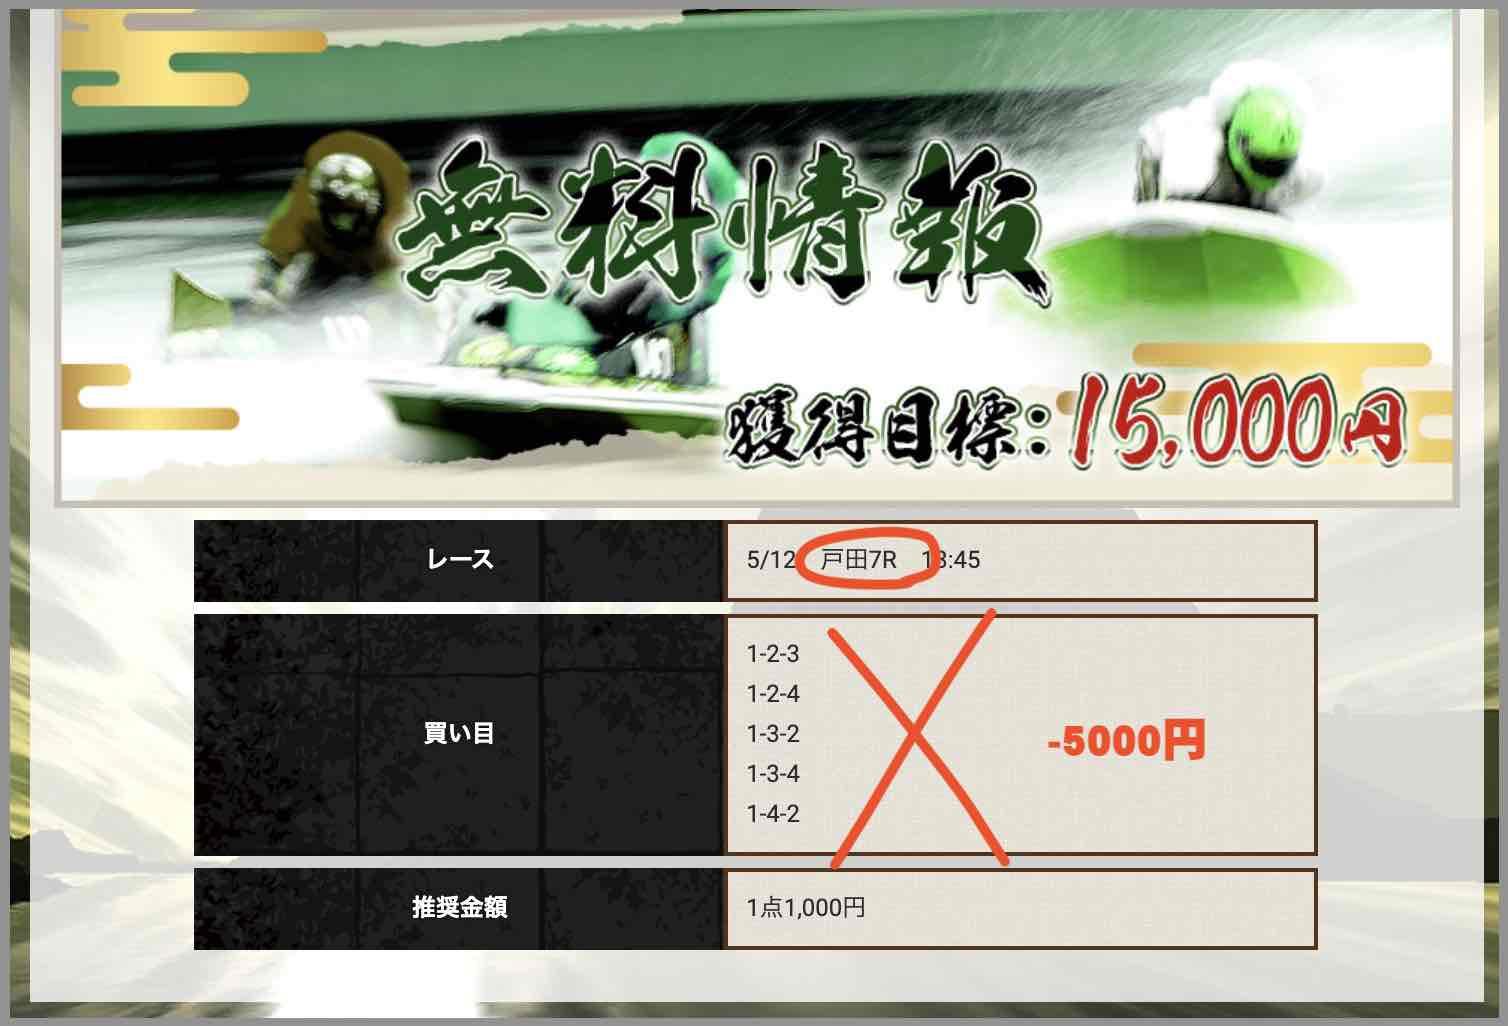 競艇予想サイト神風という競艇予想サイトの無料予想(無料情報)の抜き打ち検証